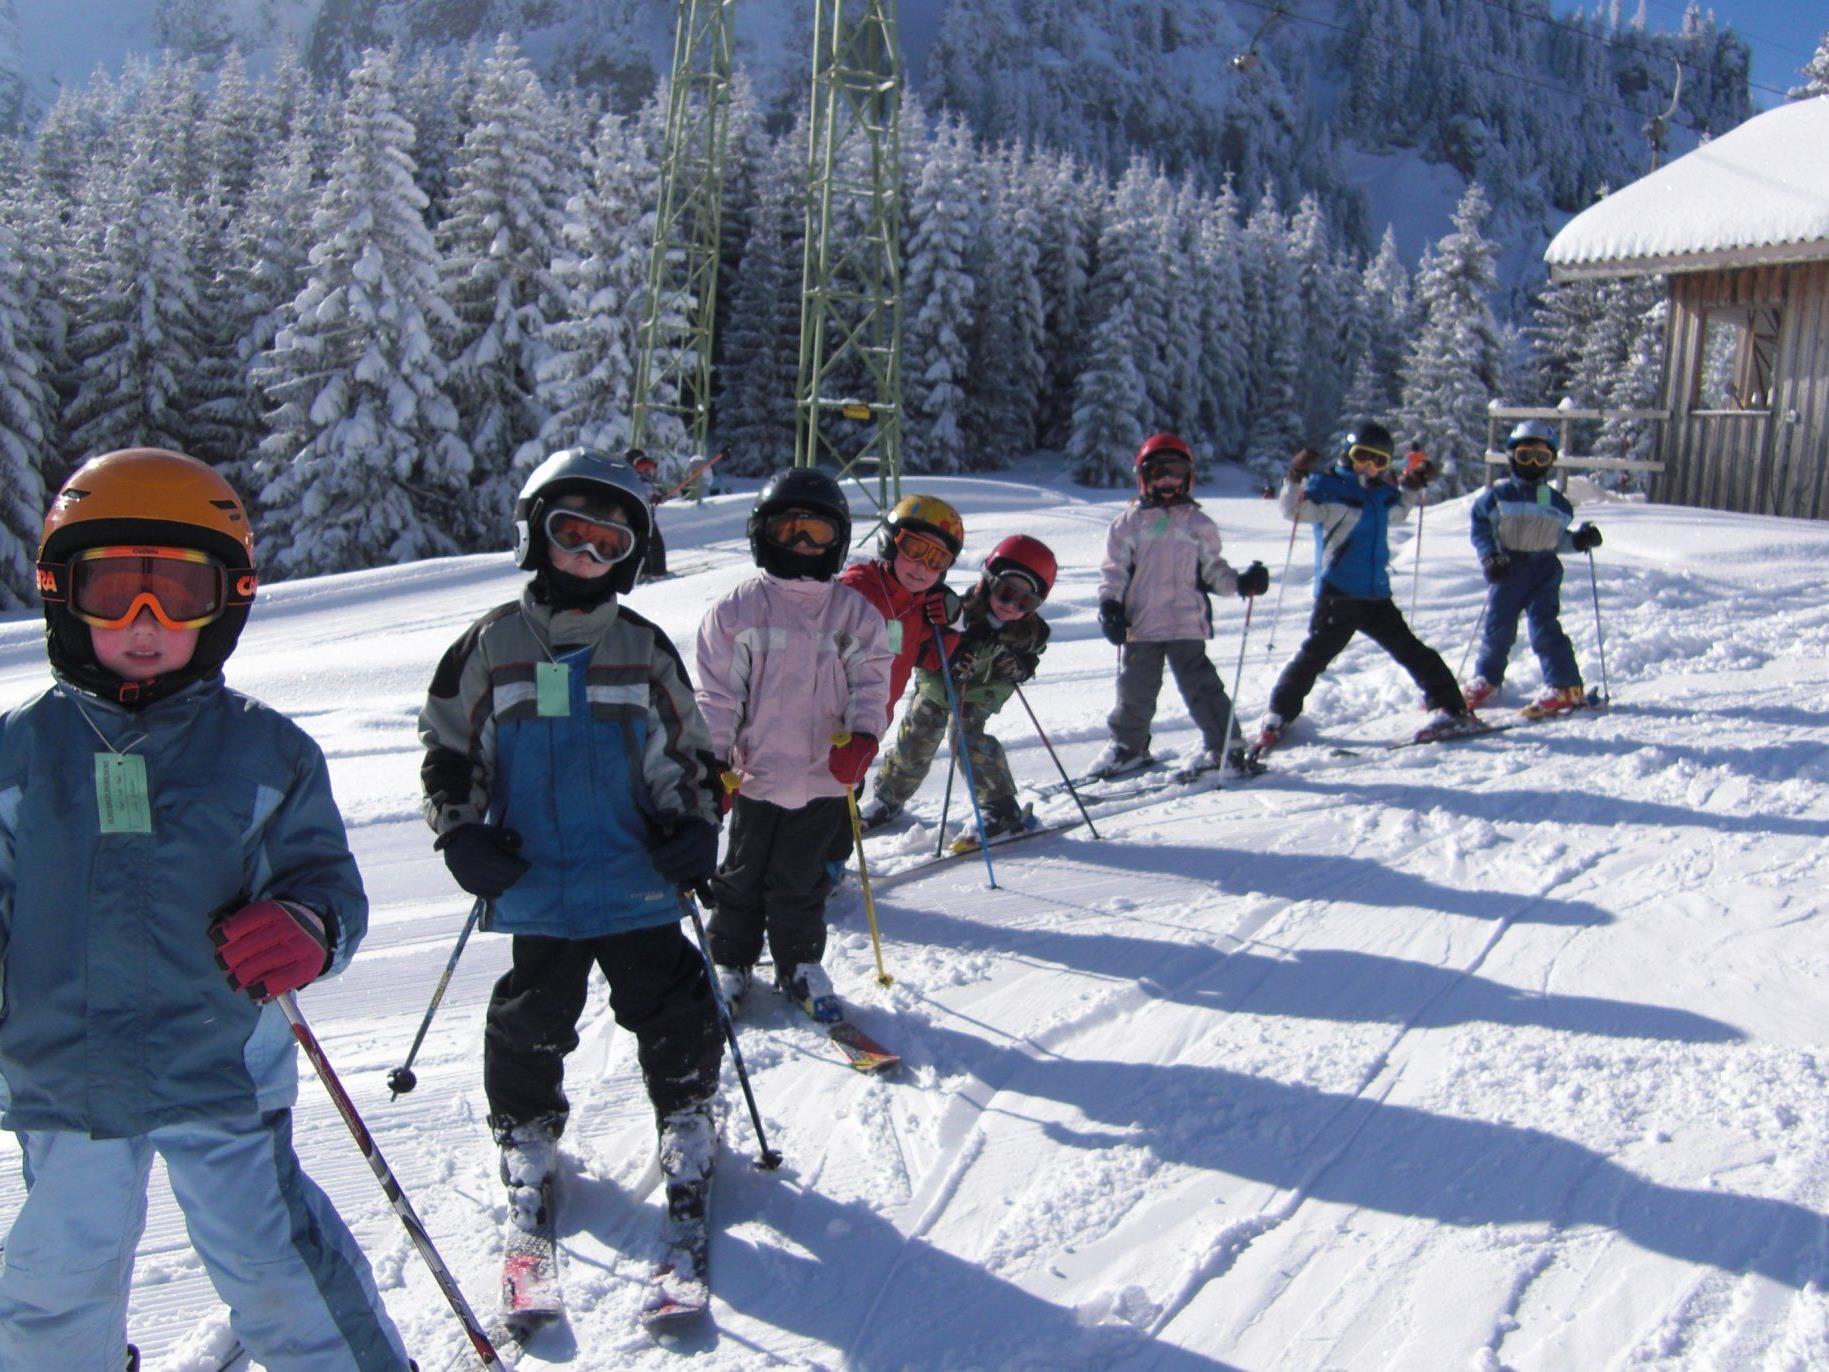 Der Schiverein Hohenems veranstaltet in den Semesterferien einen Kinderschikurs.